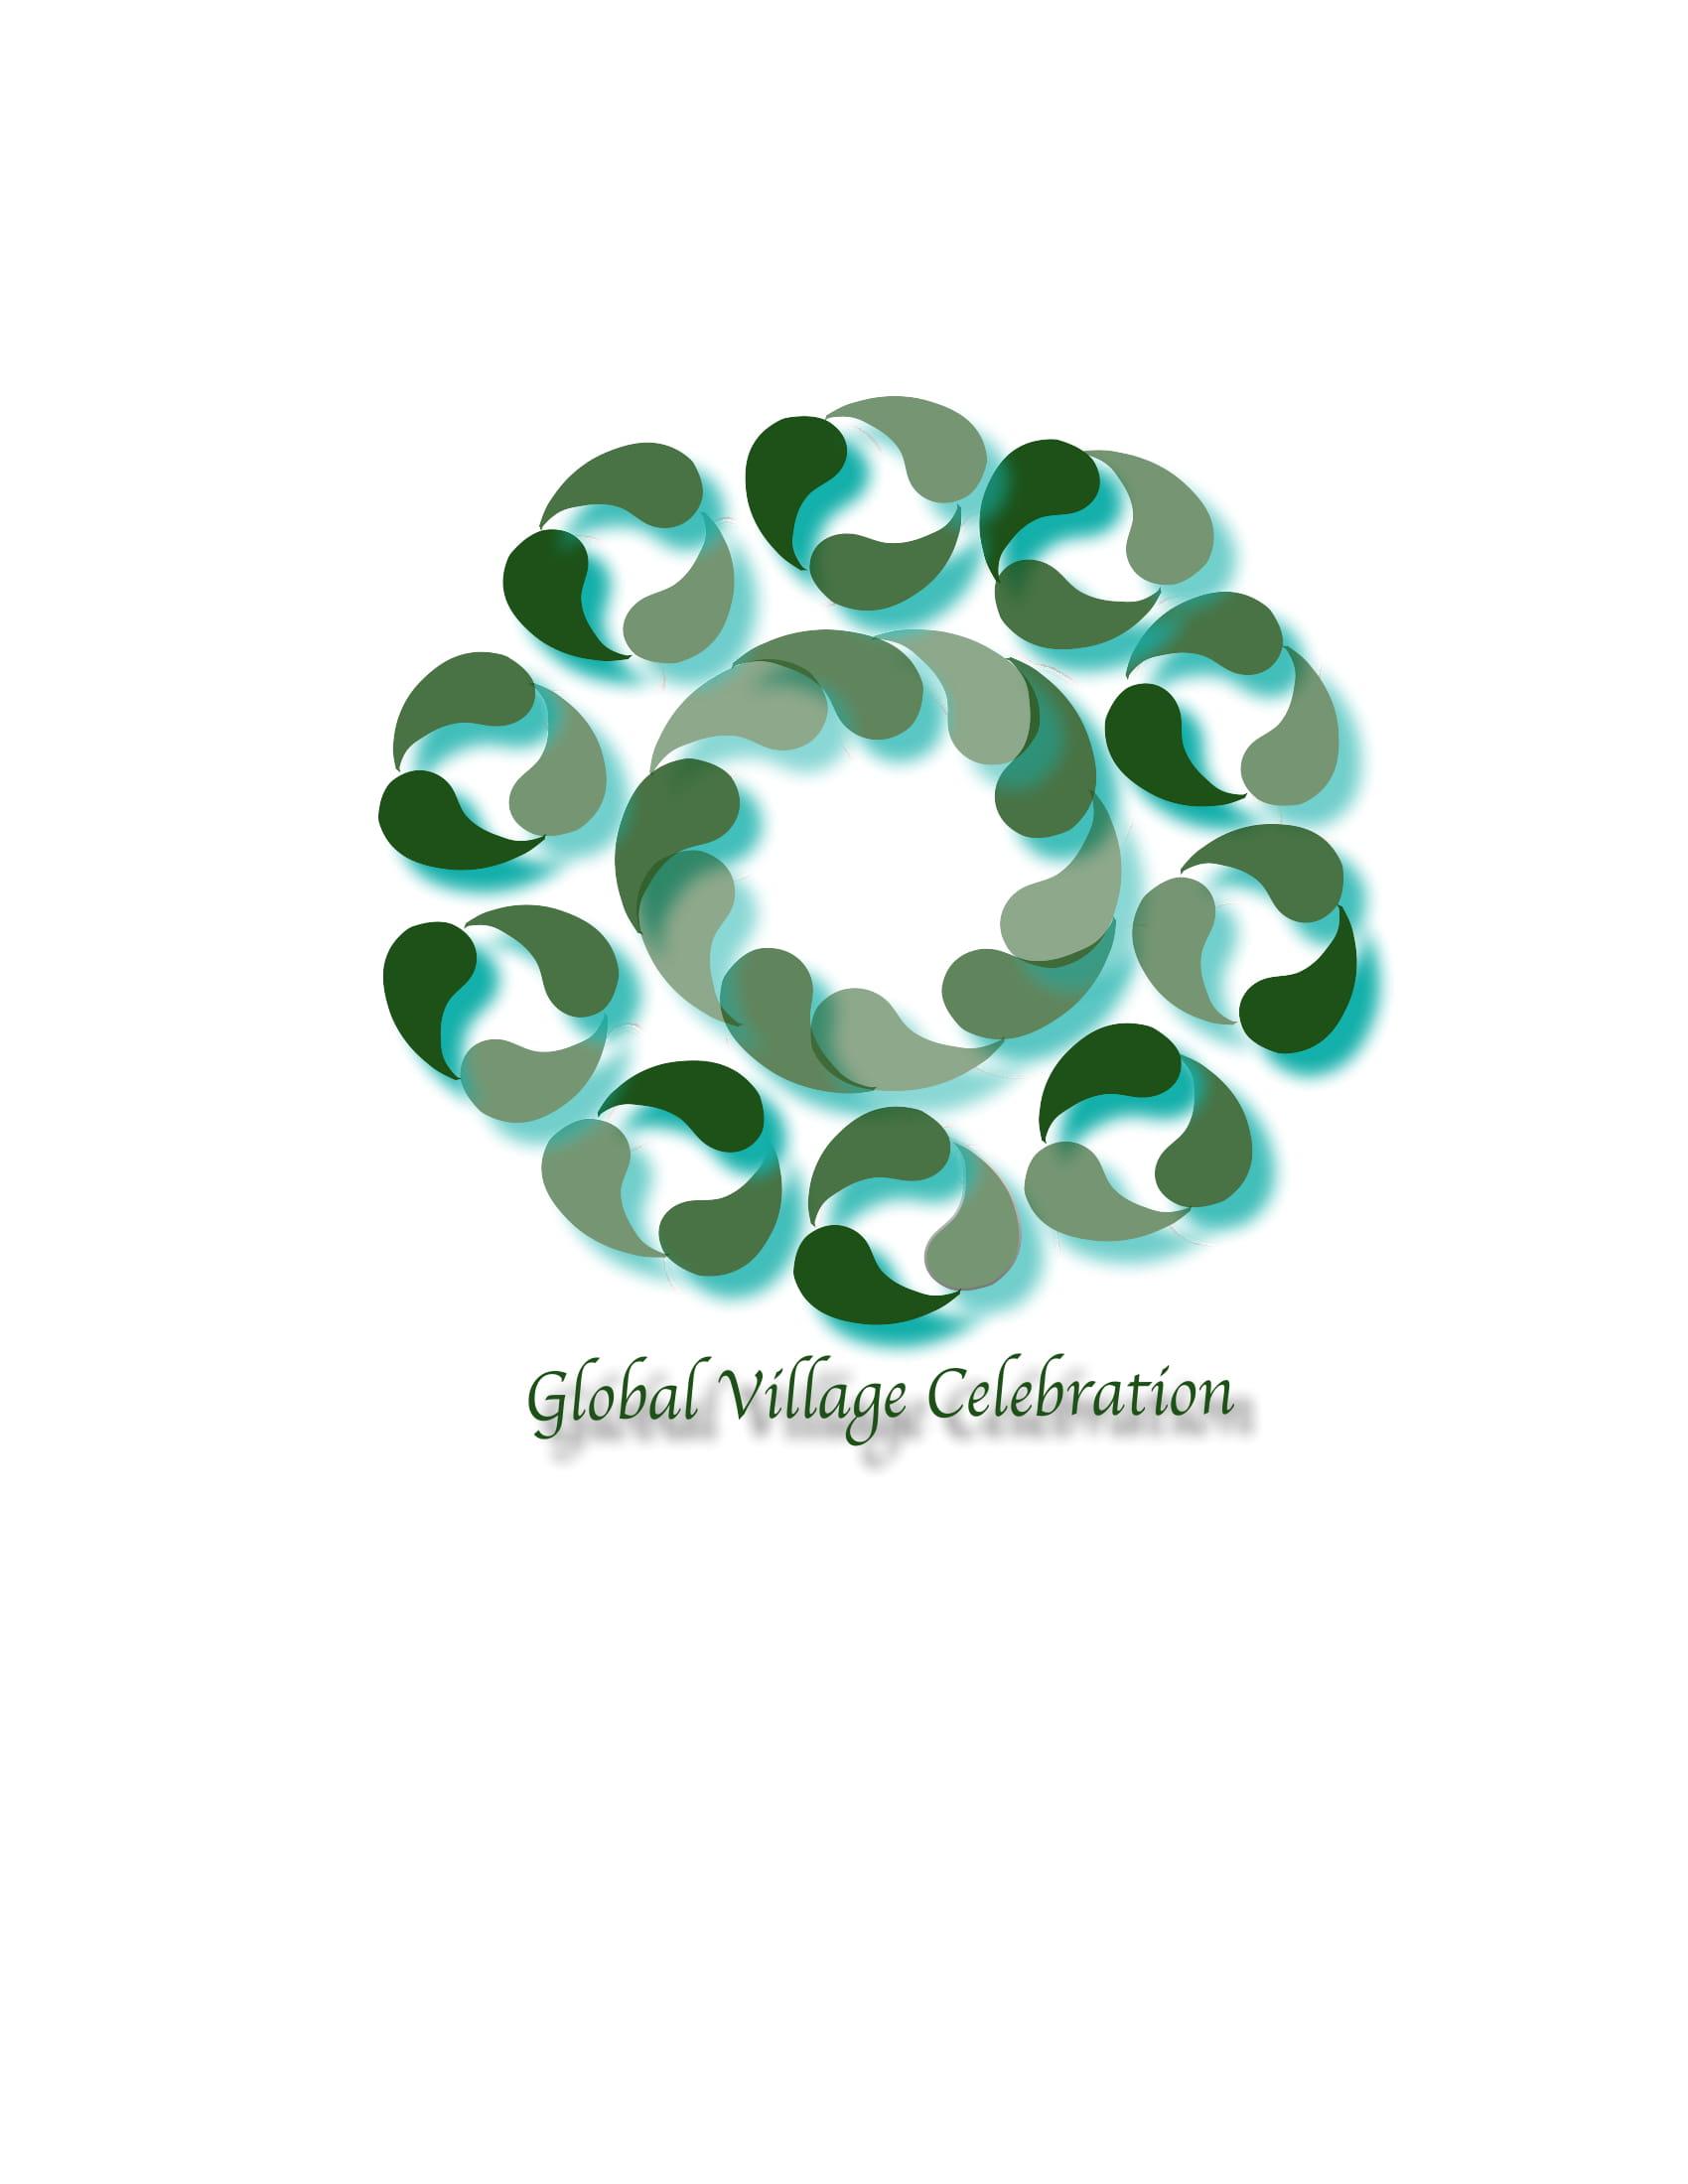 Our Global Village Celebration-1.jpg